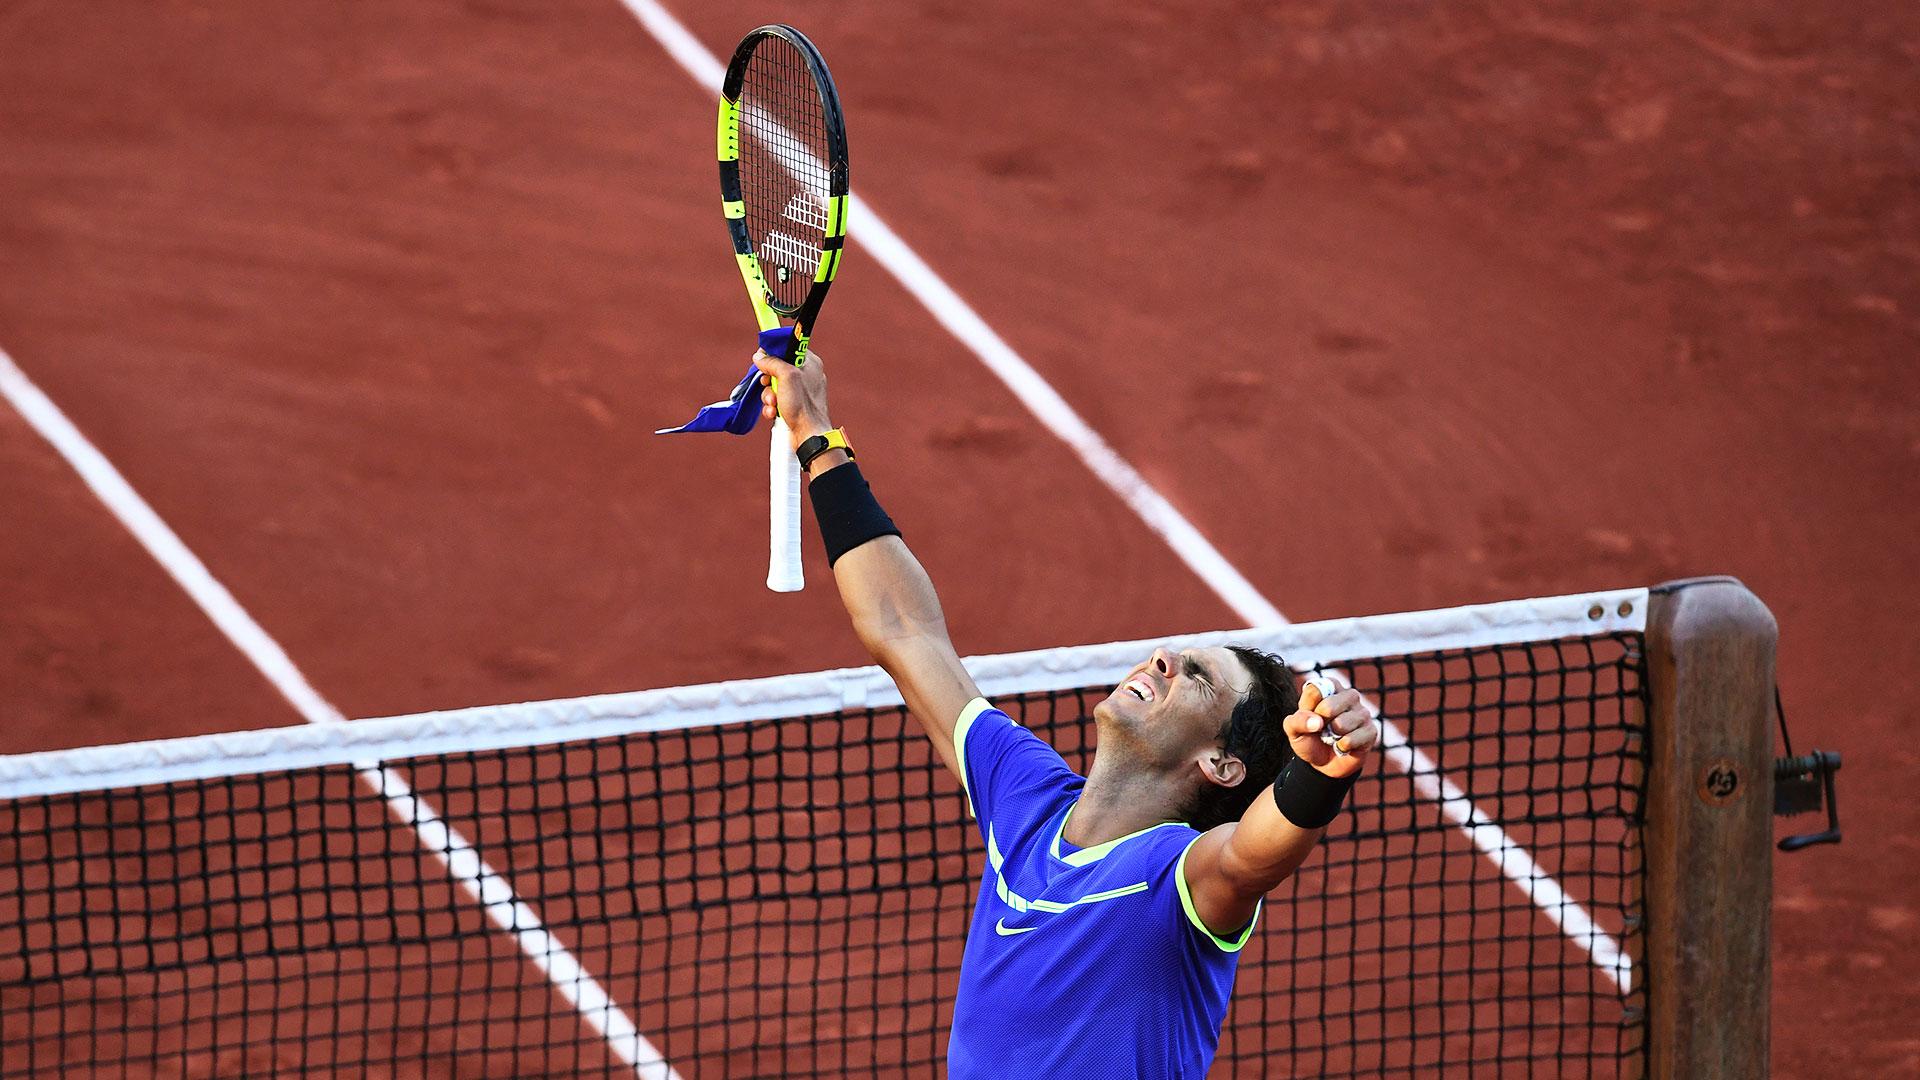 Rafael Nadal derrotó al austriaco Dominic Thiem por 6-3, 6-4 y 6-0 en dos horas y se clasificó a la final de Roland Garros